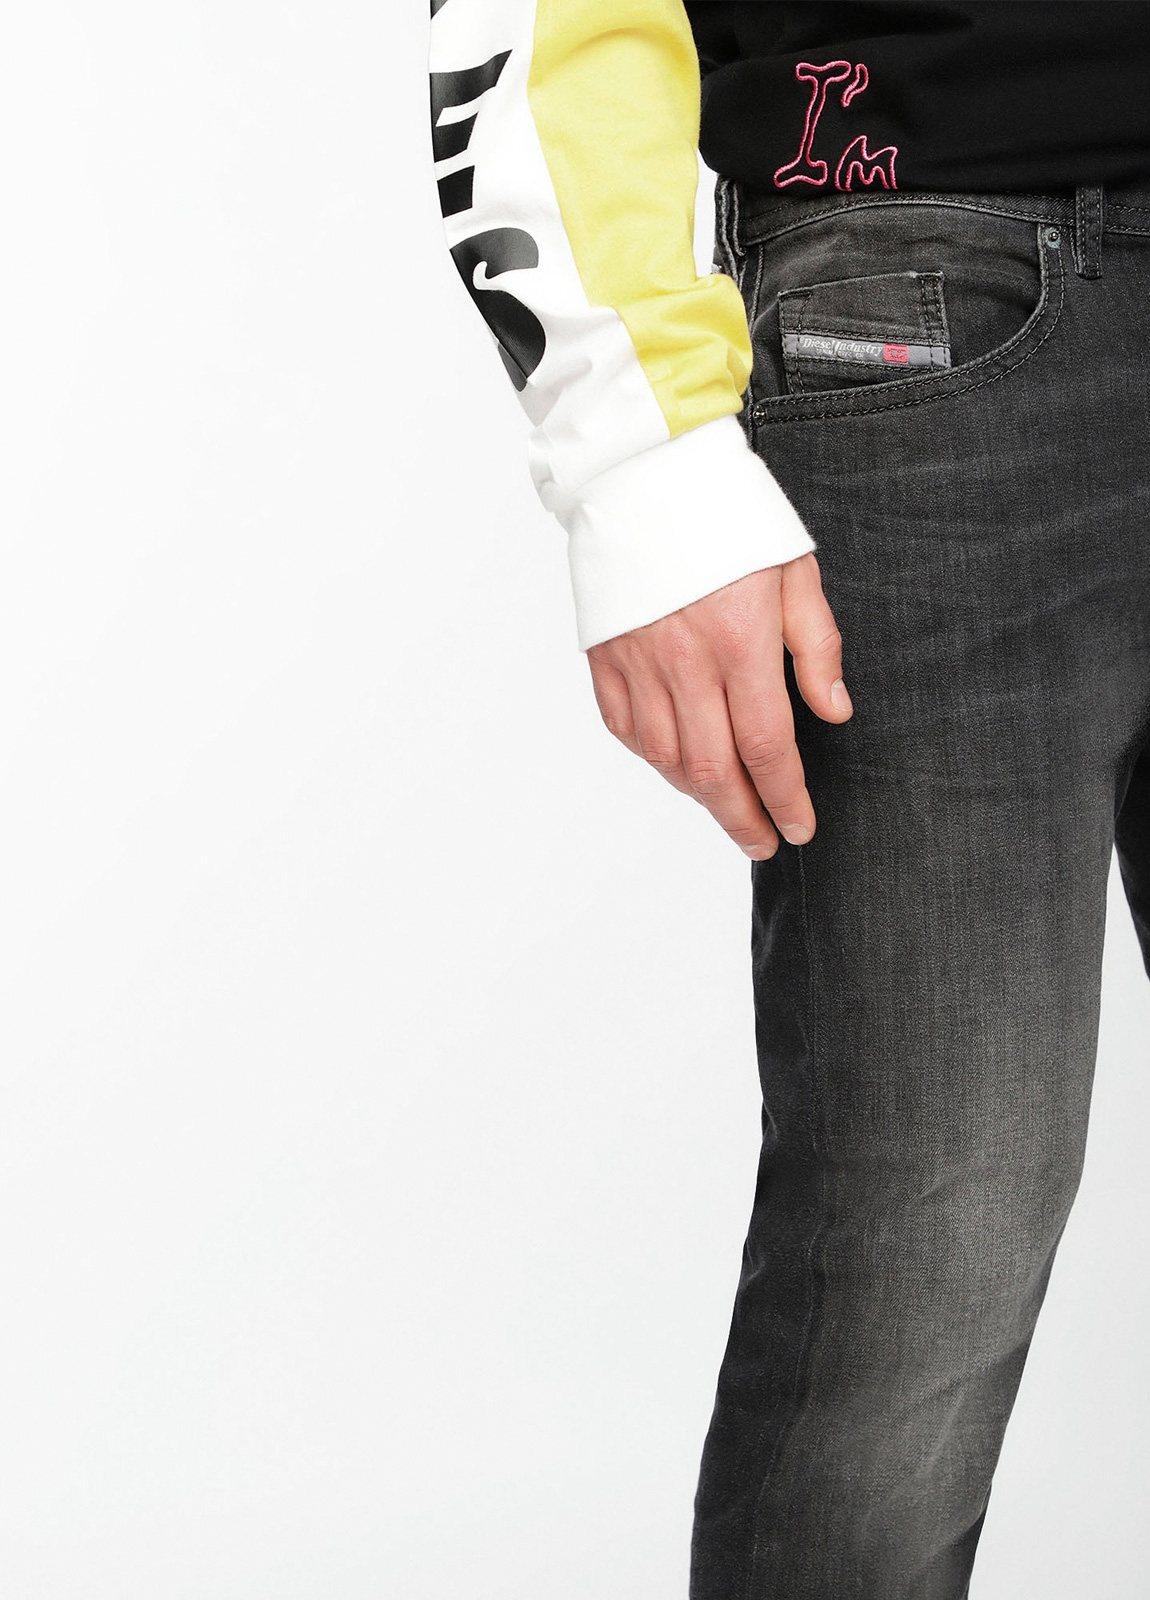 Pantalón tejano skinny modelo THOMMER color negro lavado. 72% Algodón 17% Poliéster 9%Visc. 2% Elastáno. - Ítem1